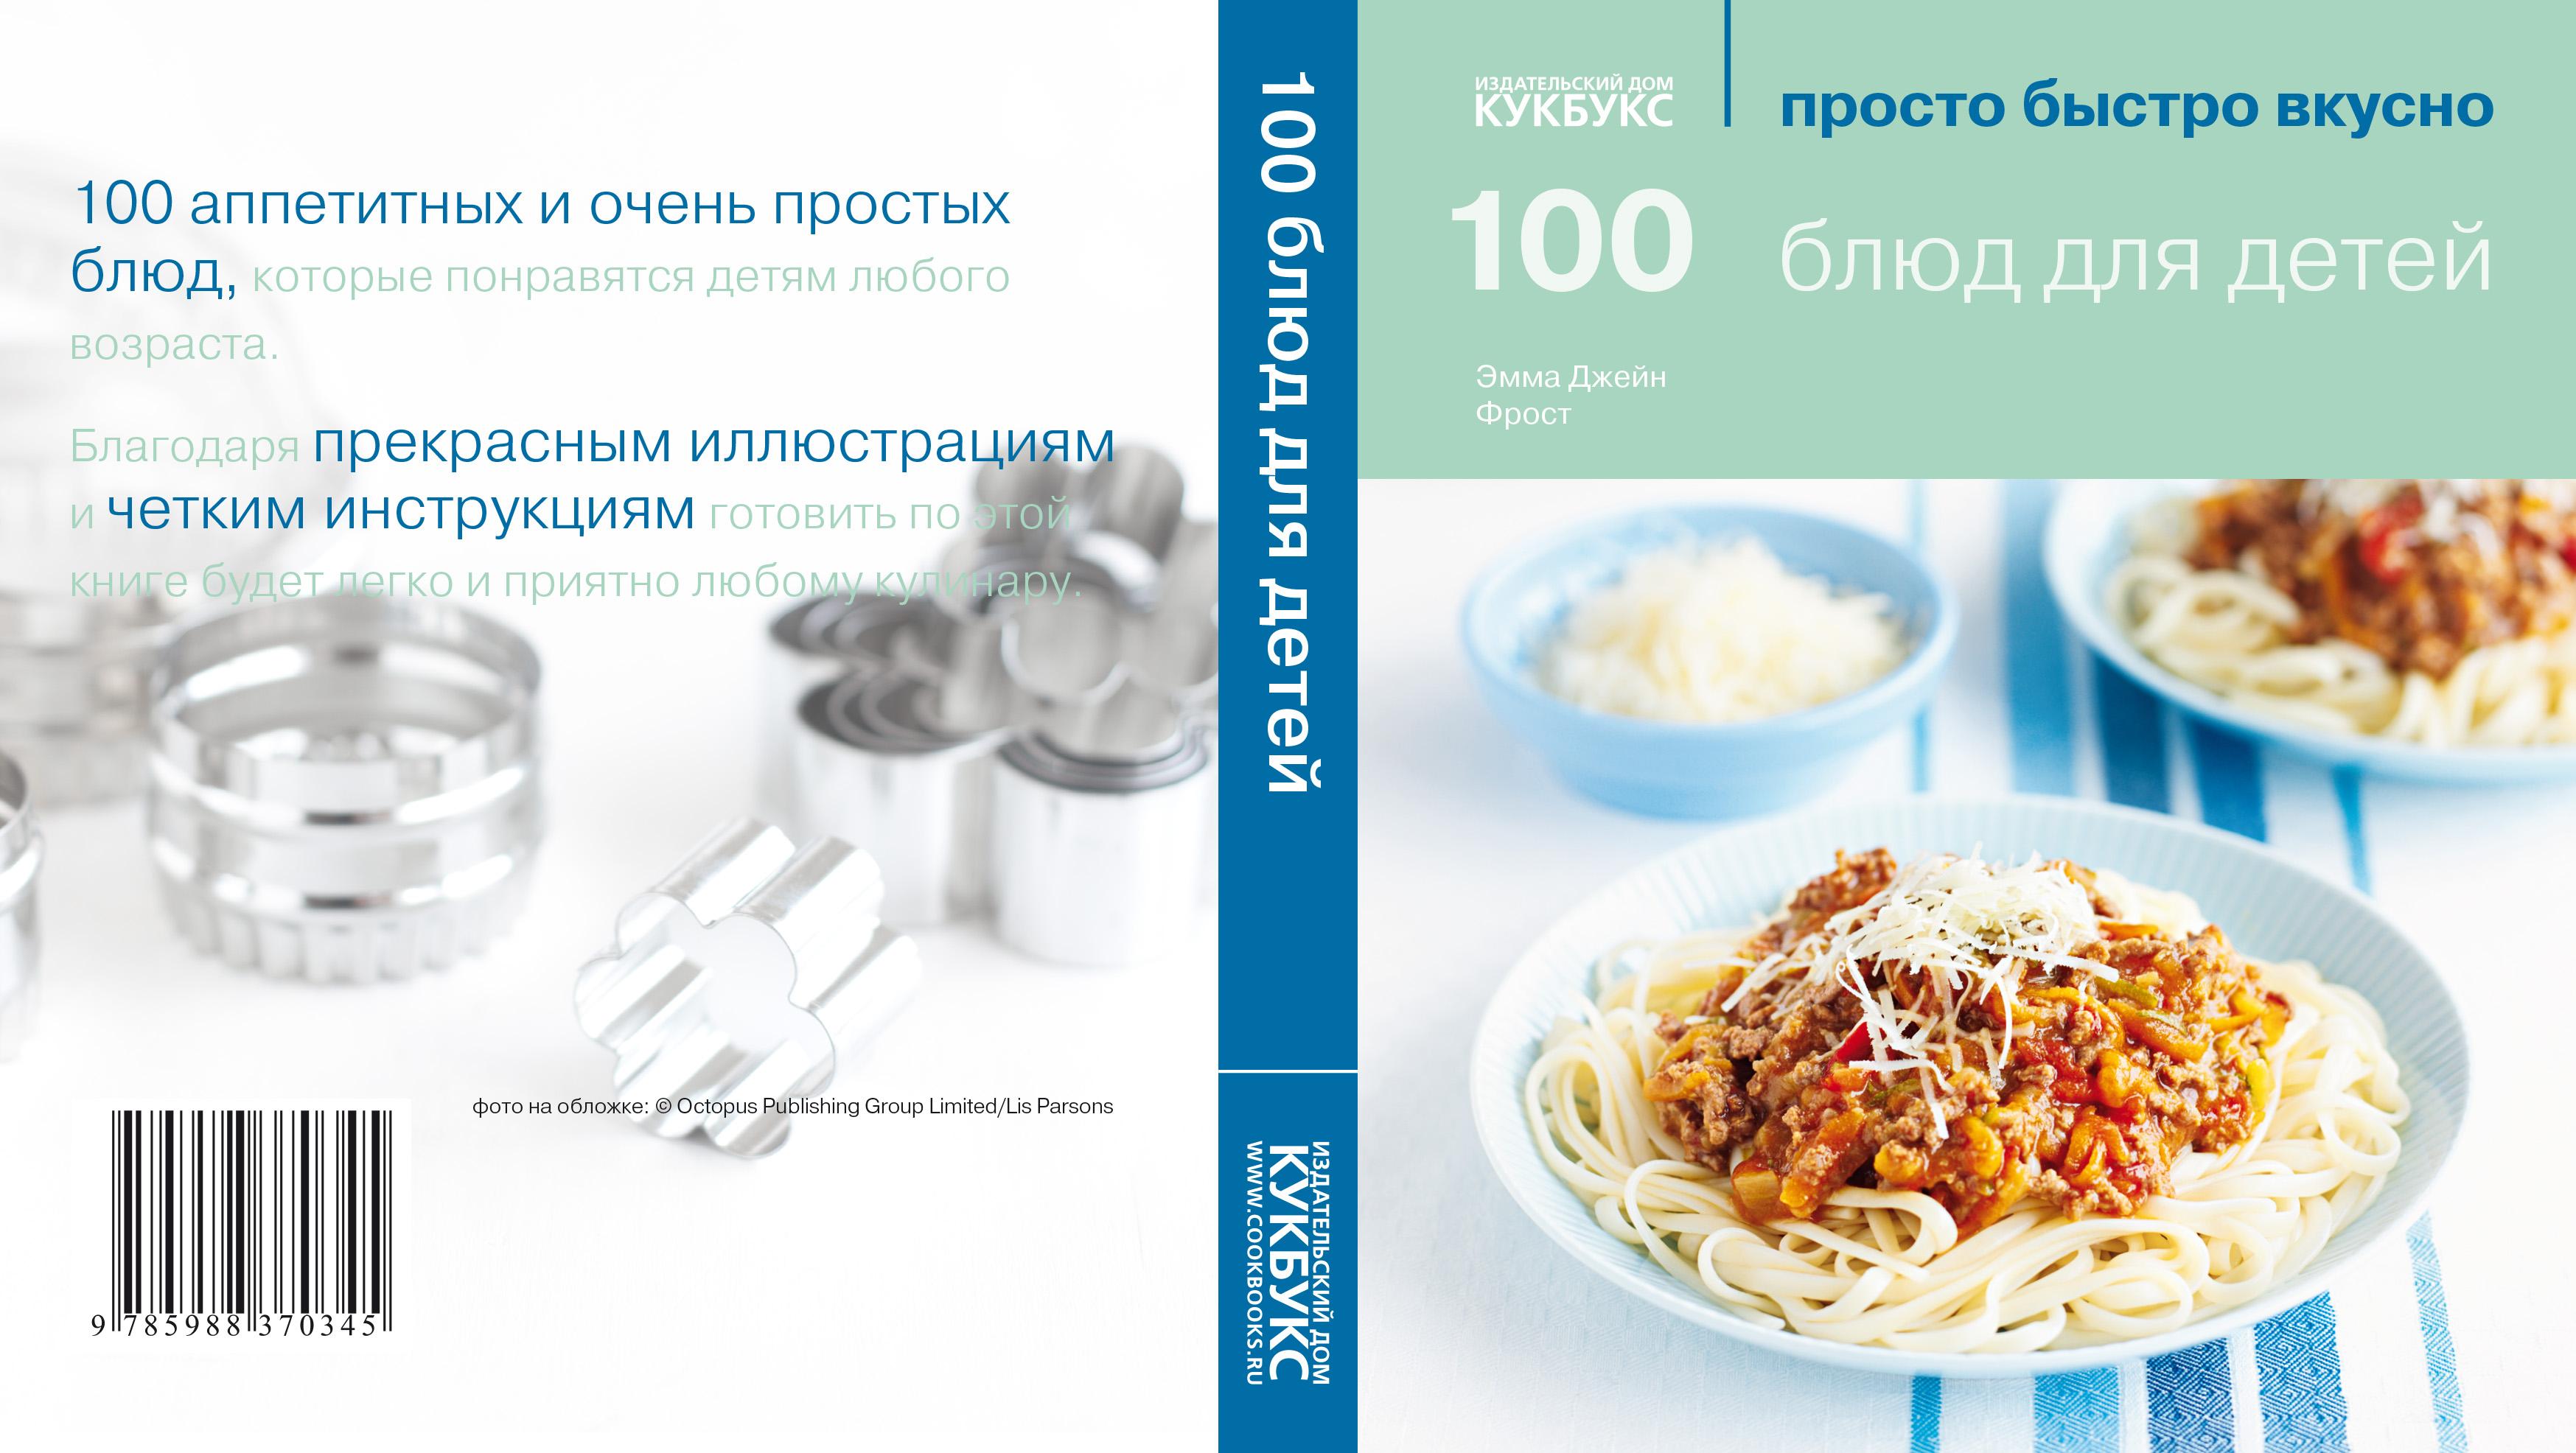 Блюда для детей до 1 года